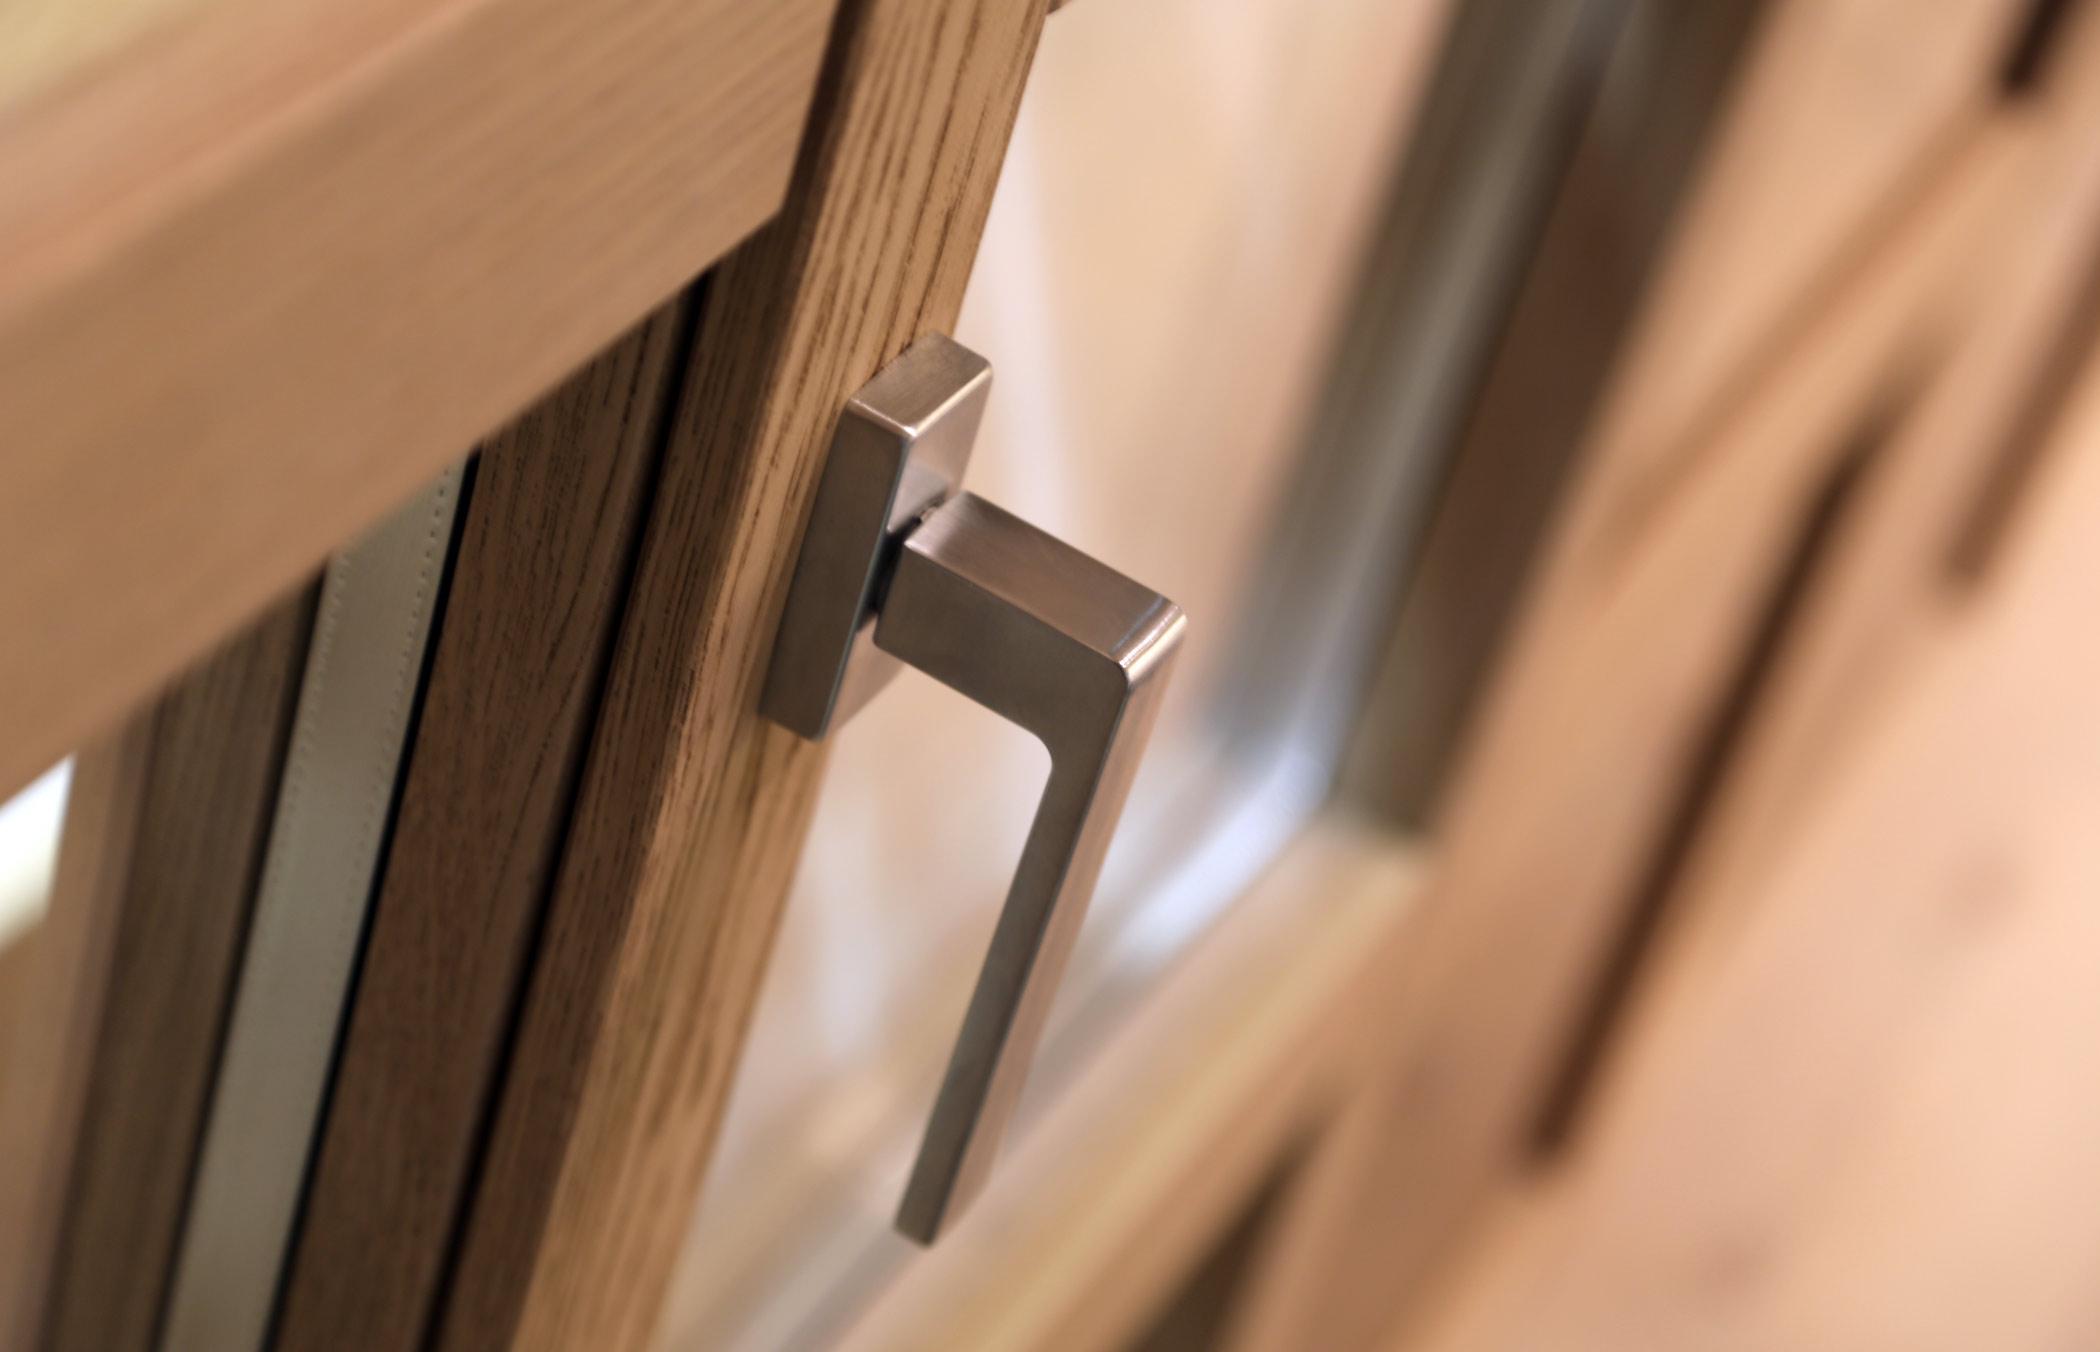 Dettaglio di una maniglia per porta finestre cromo satinata